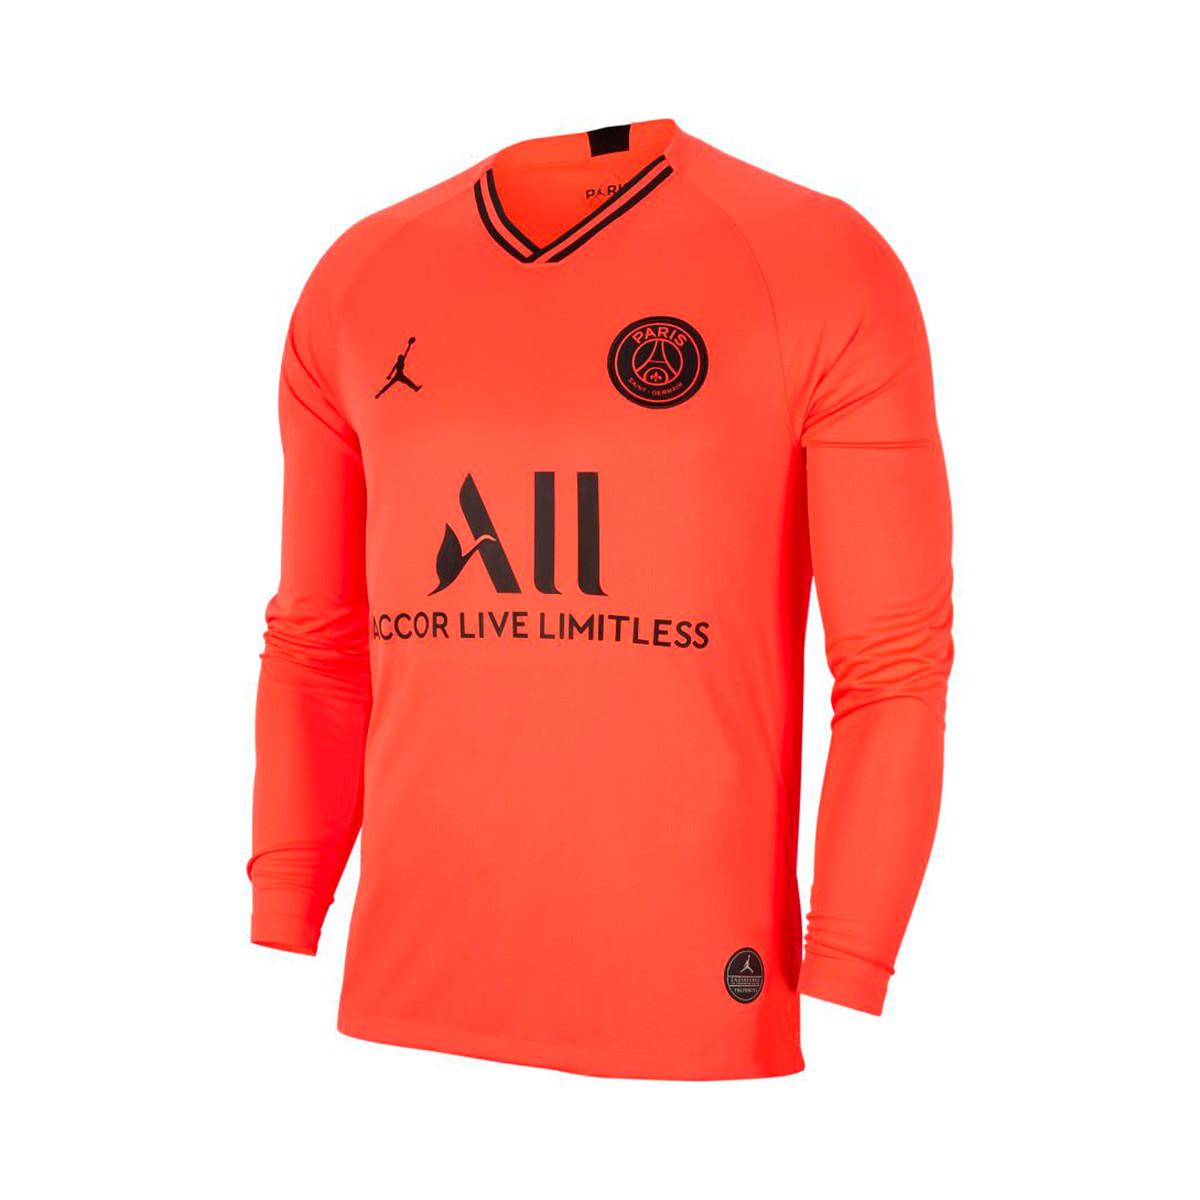 Camiseta Nike Paris Saint Germain Breathe Stadium Segunda Equipacion 2019 2020 Infrared Black Tienda De Futbol Futbol Emotion